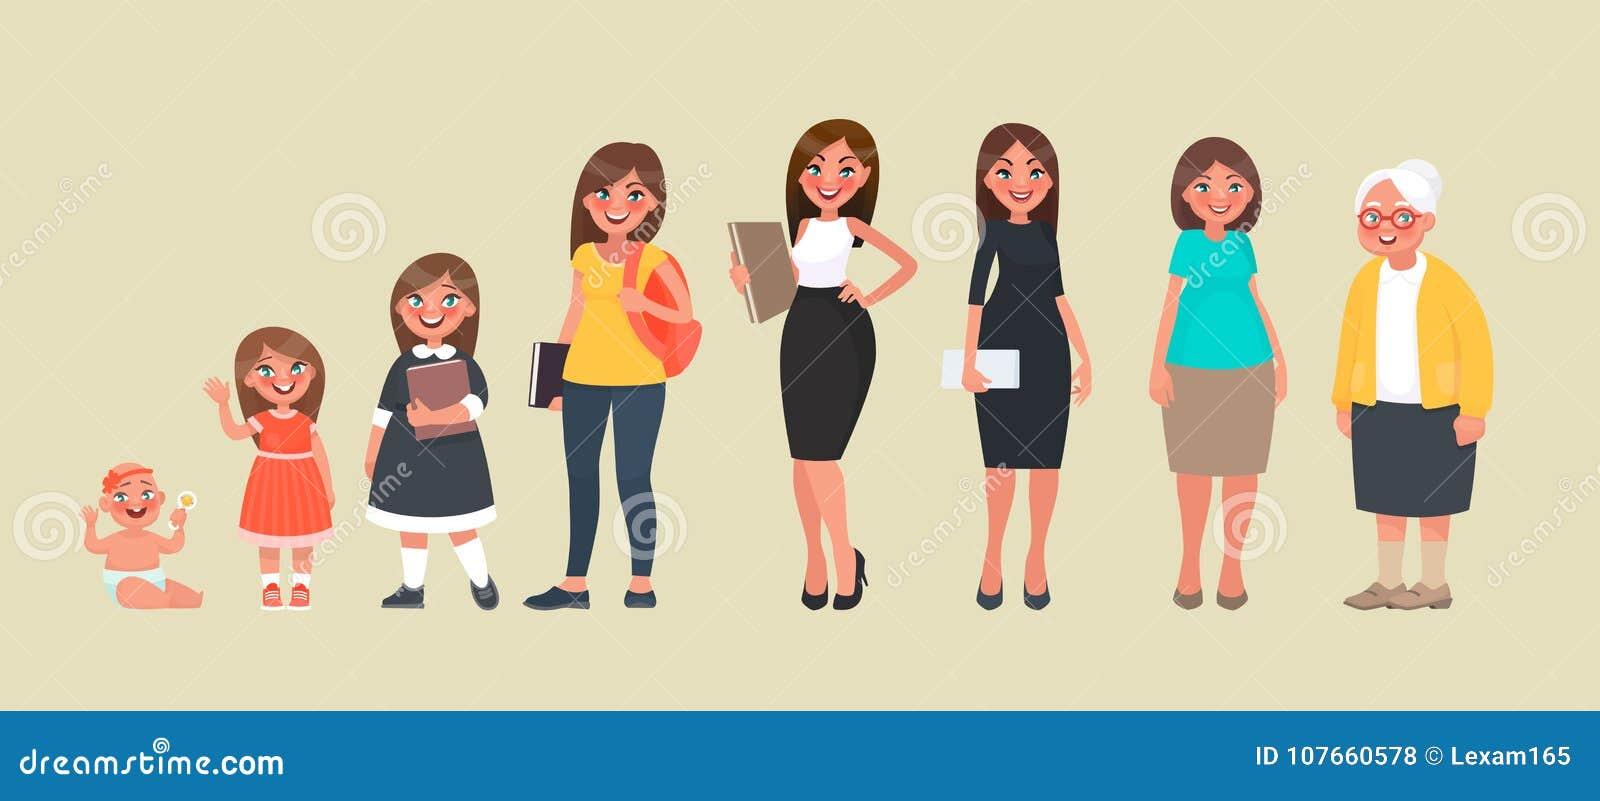 Carácter de una mujer en diversas edades Un bebé, niño, adolescente, adulto, persona mayor